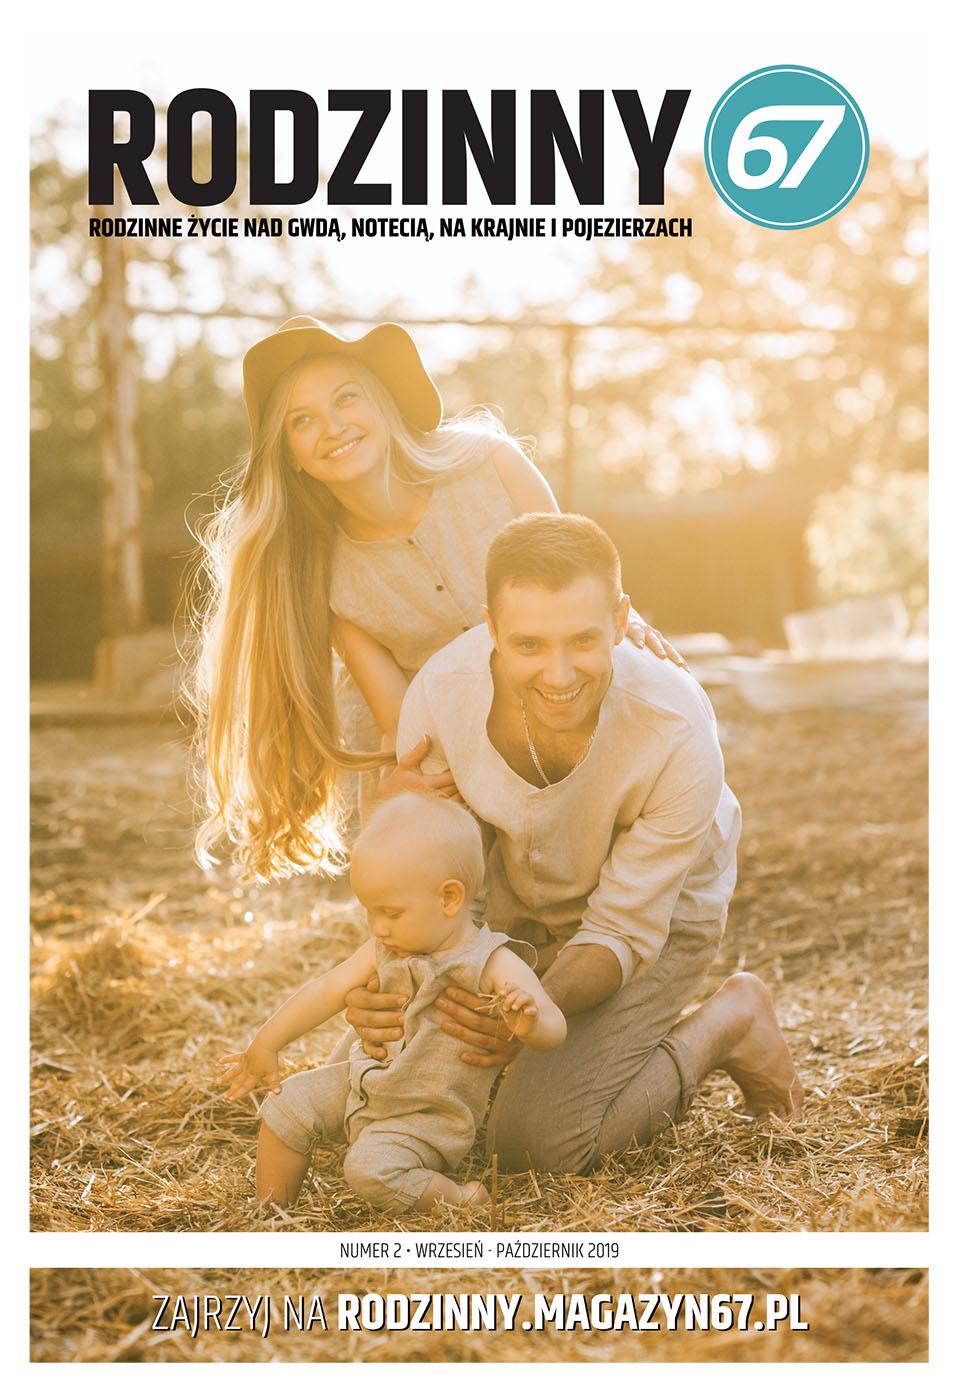 Okładka Rodzinnego Magazynu67